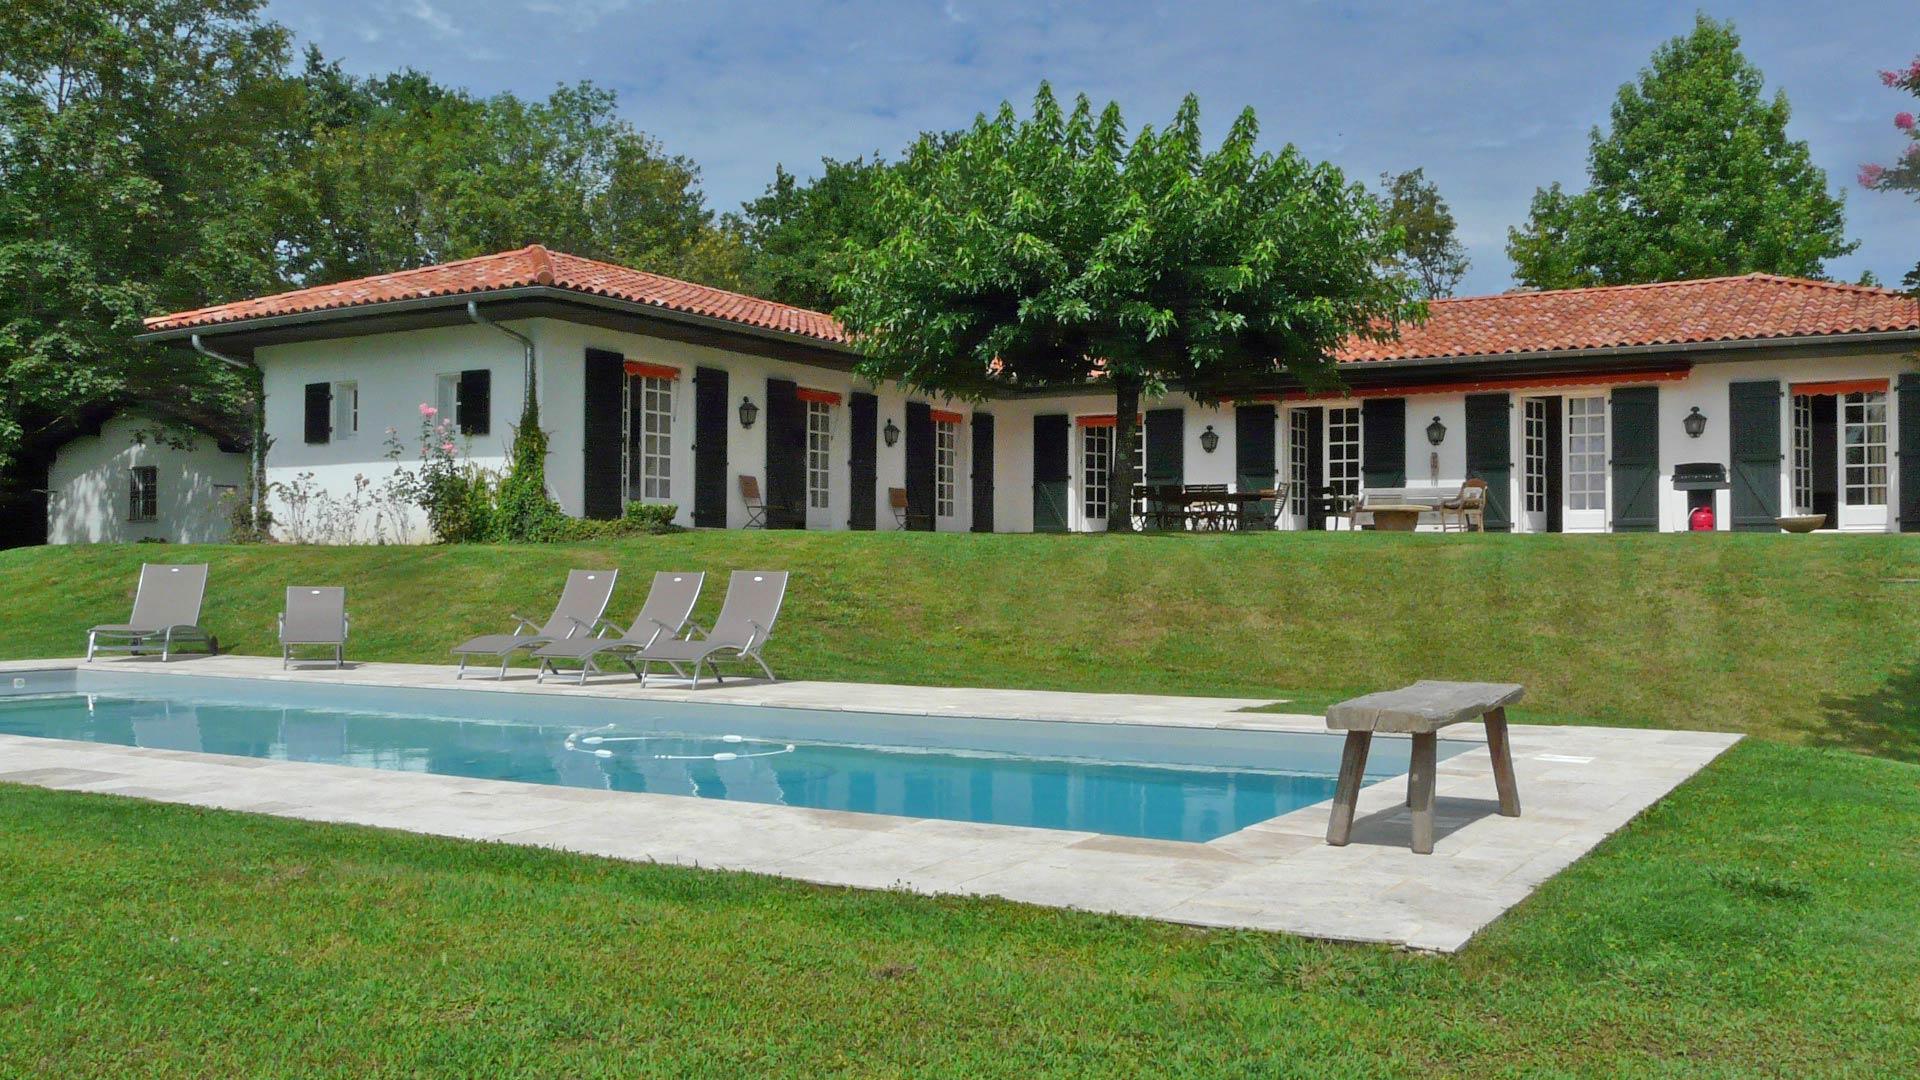 Villa de caractere renovee avec piscine chauffee maison - Location maison sud ouest piscine ...